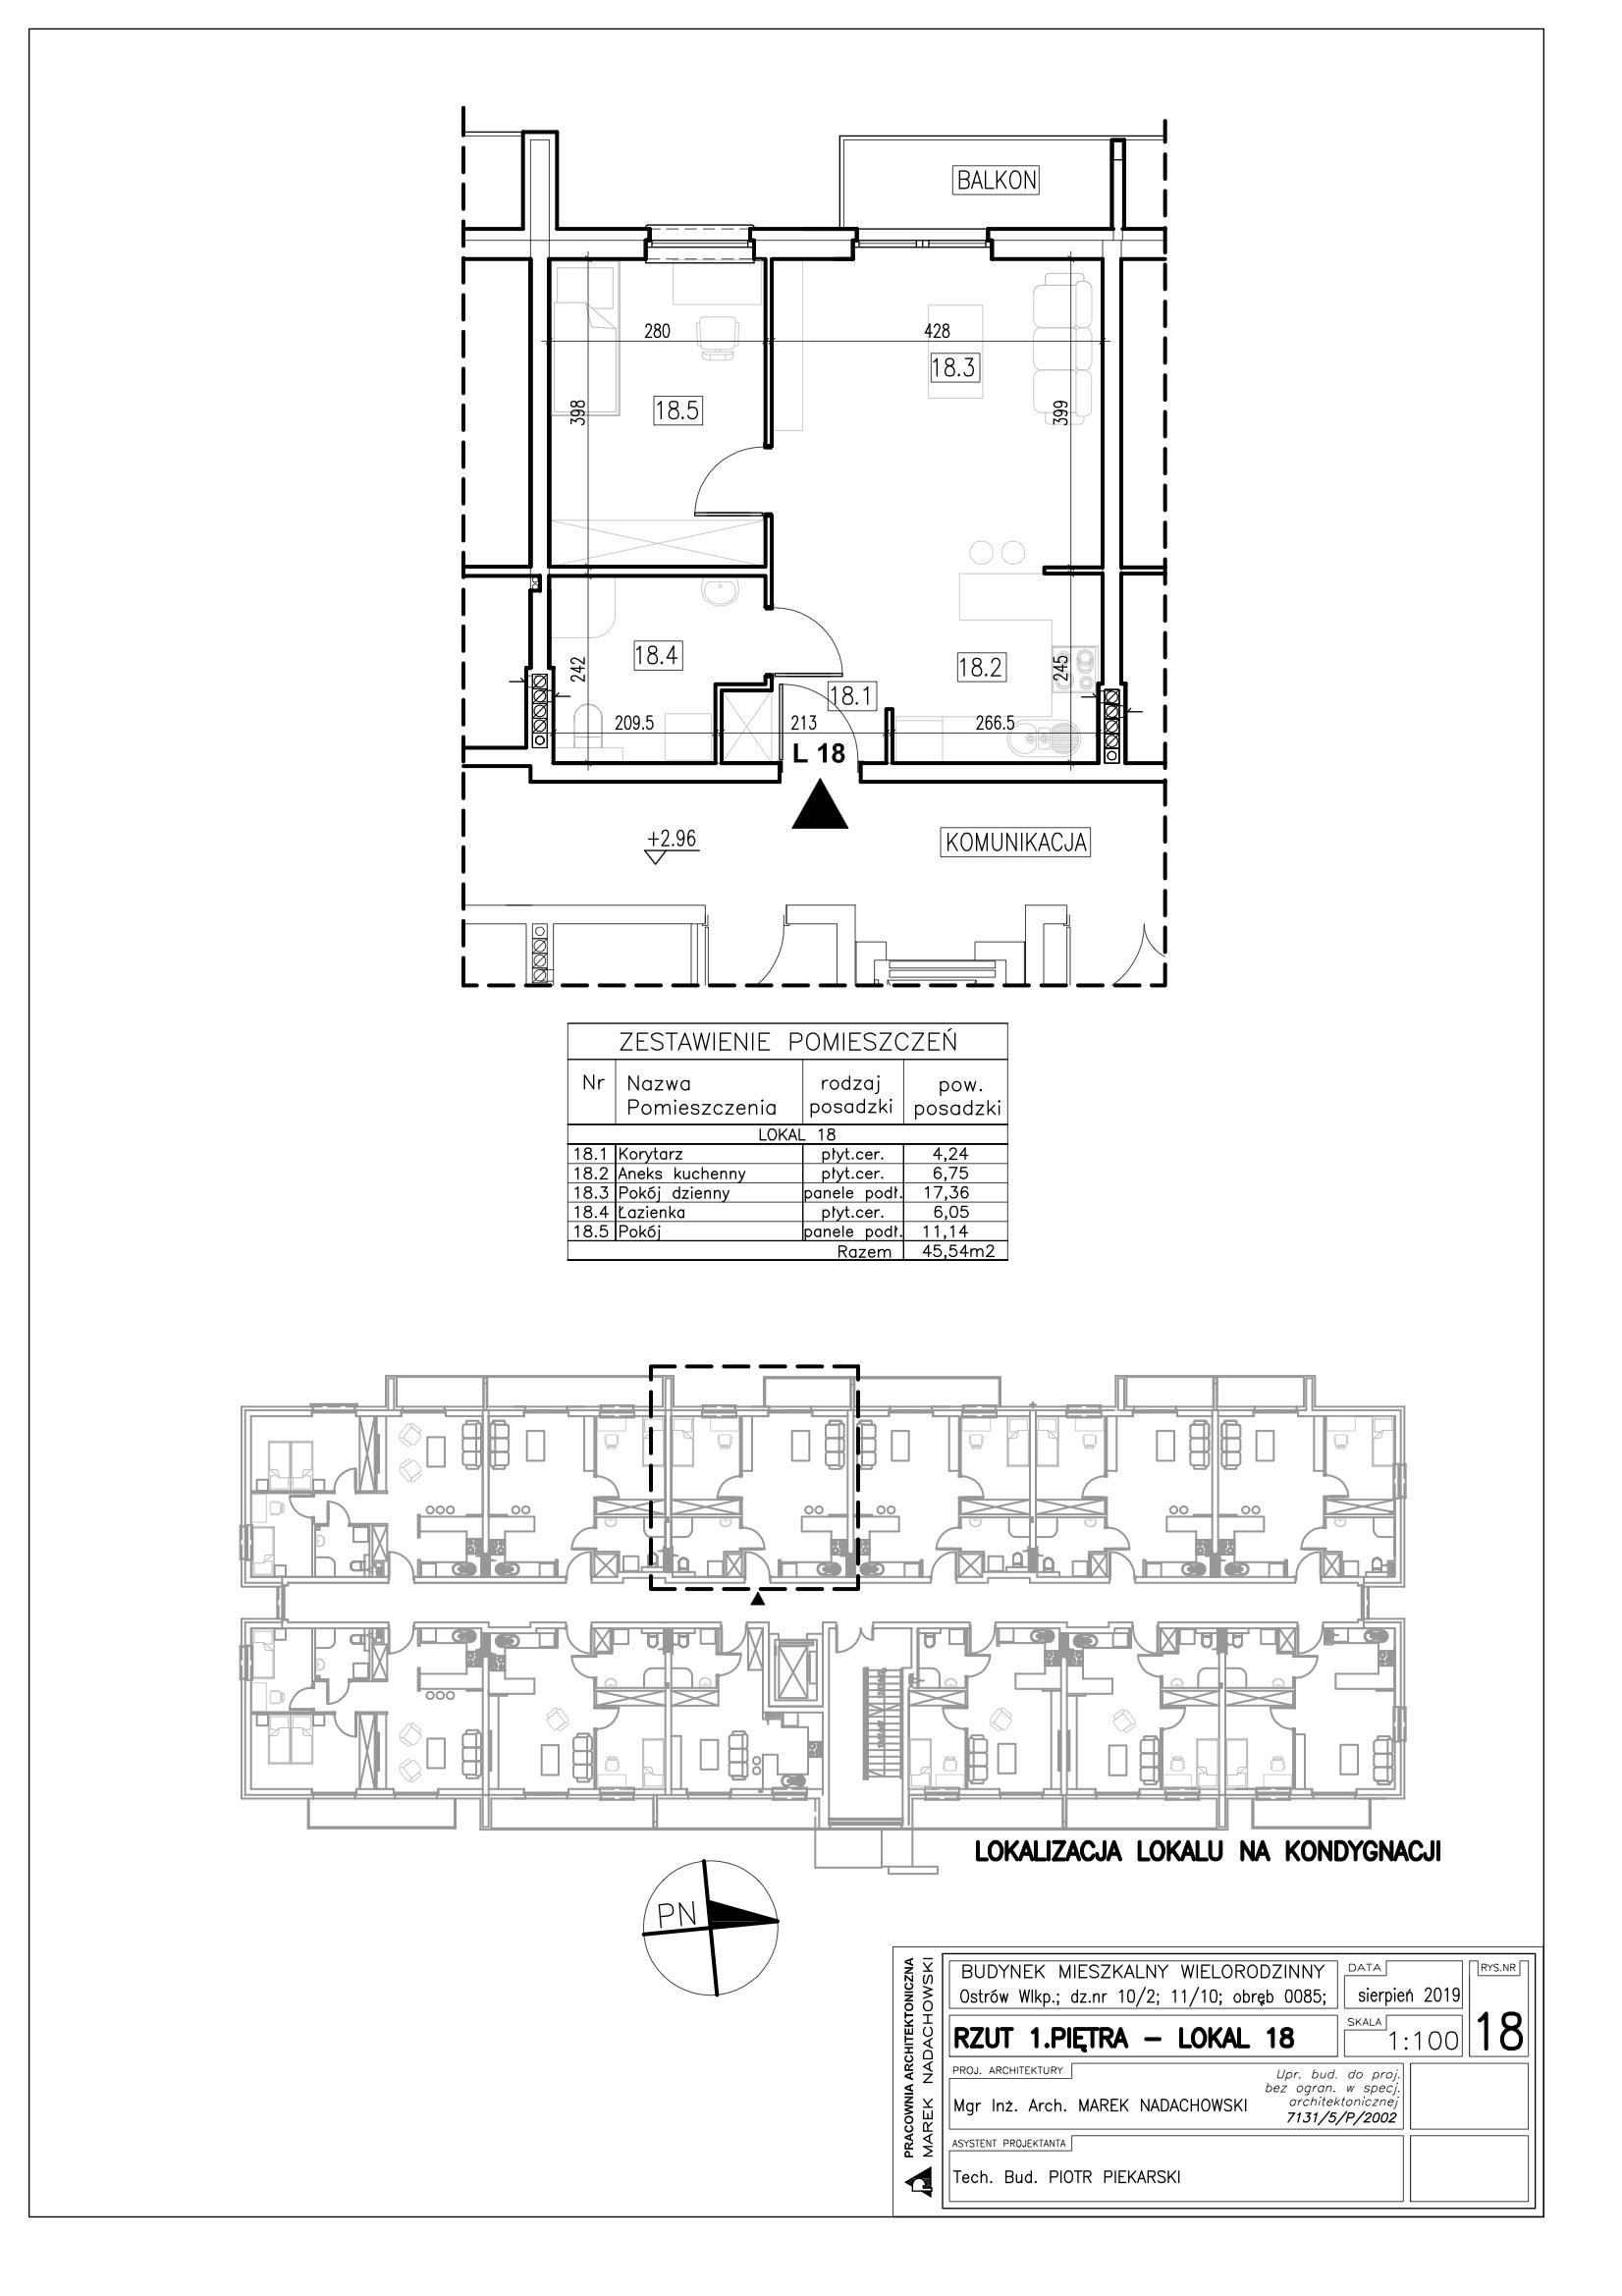 Lokal nr 18 powierzchnia 45,54m2